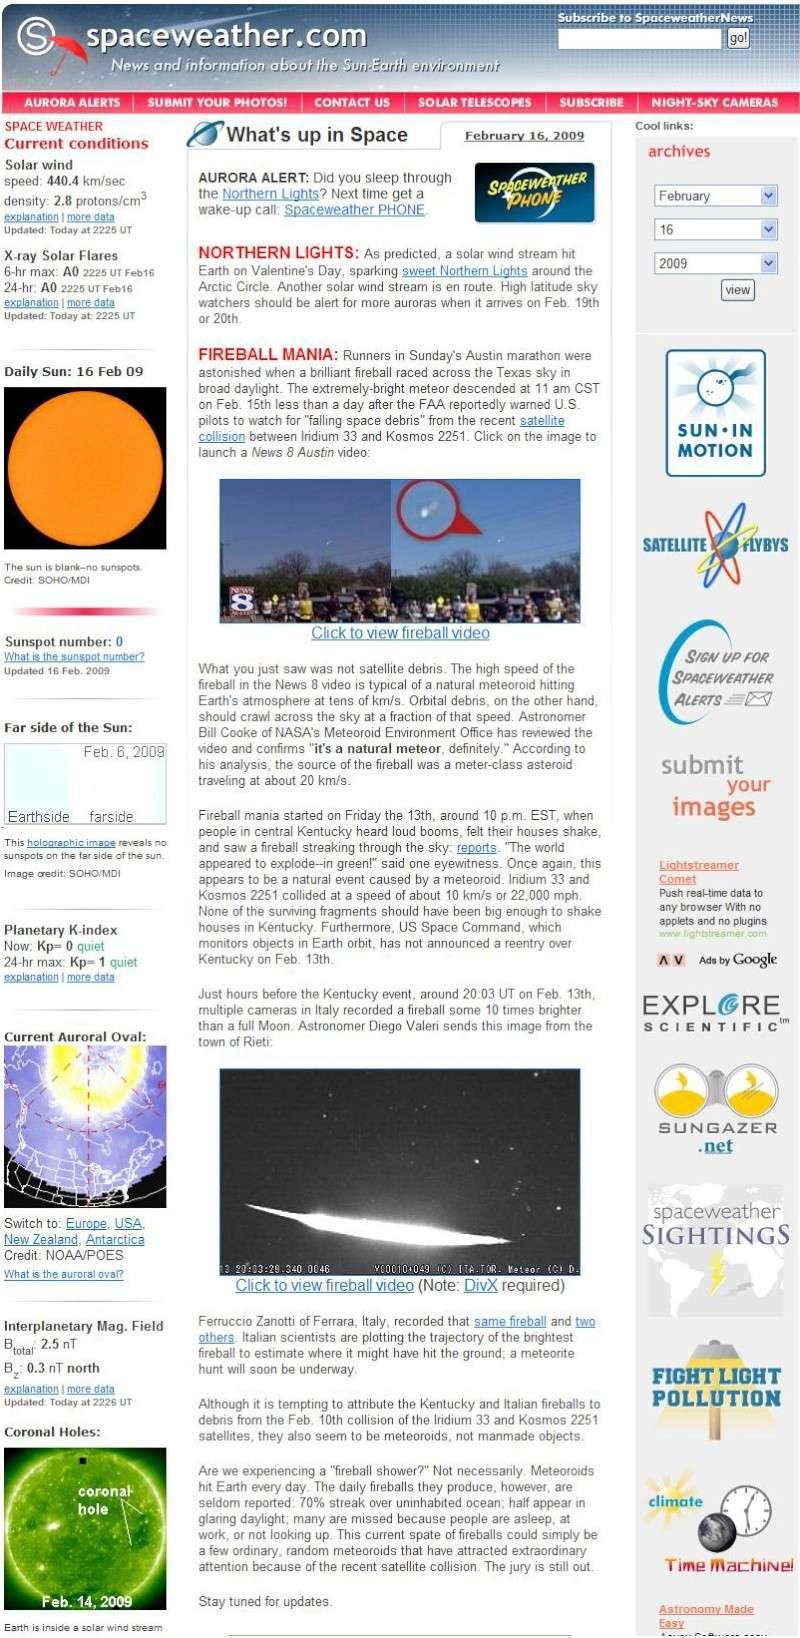 """13-14 Febbraio 2009 """" la notte dei bolidi e dei superbolidi"""" anche in USA Spacew10"""